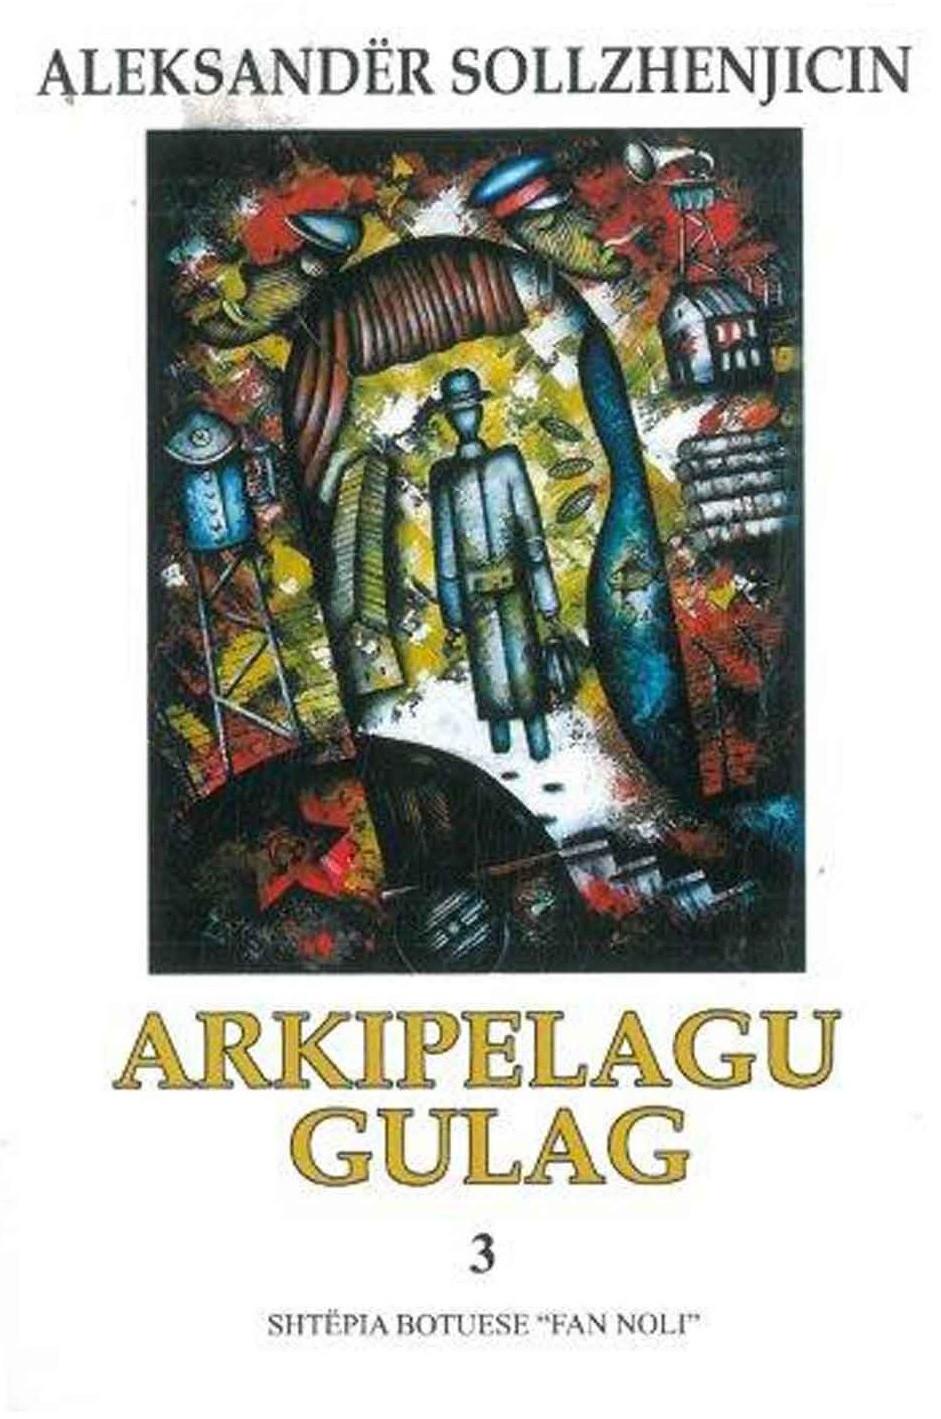 Arkipelagu Gulag 3